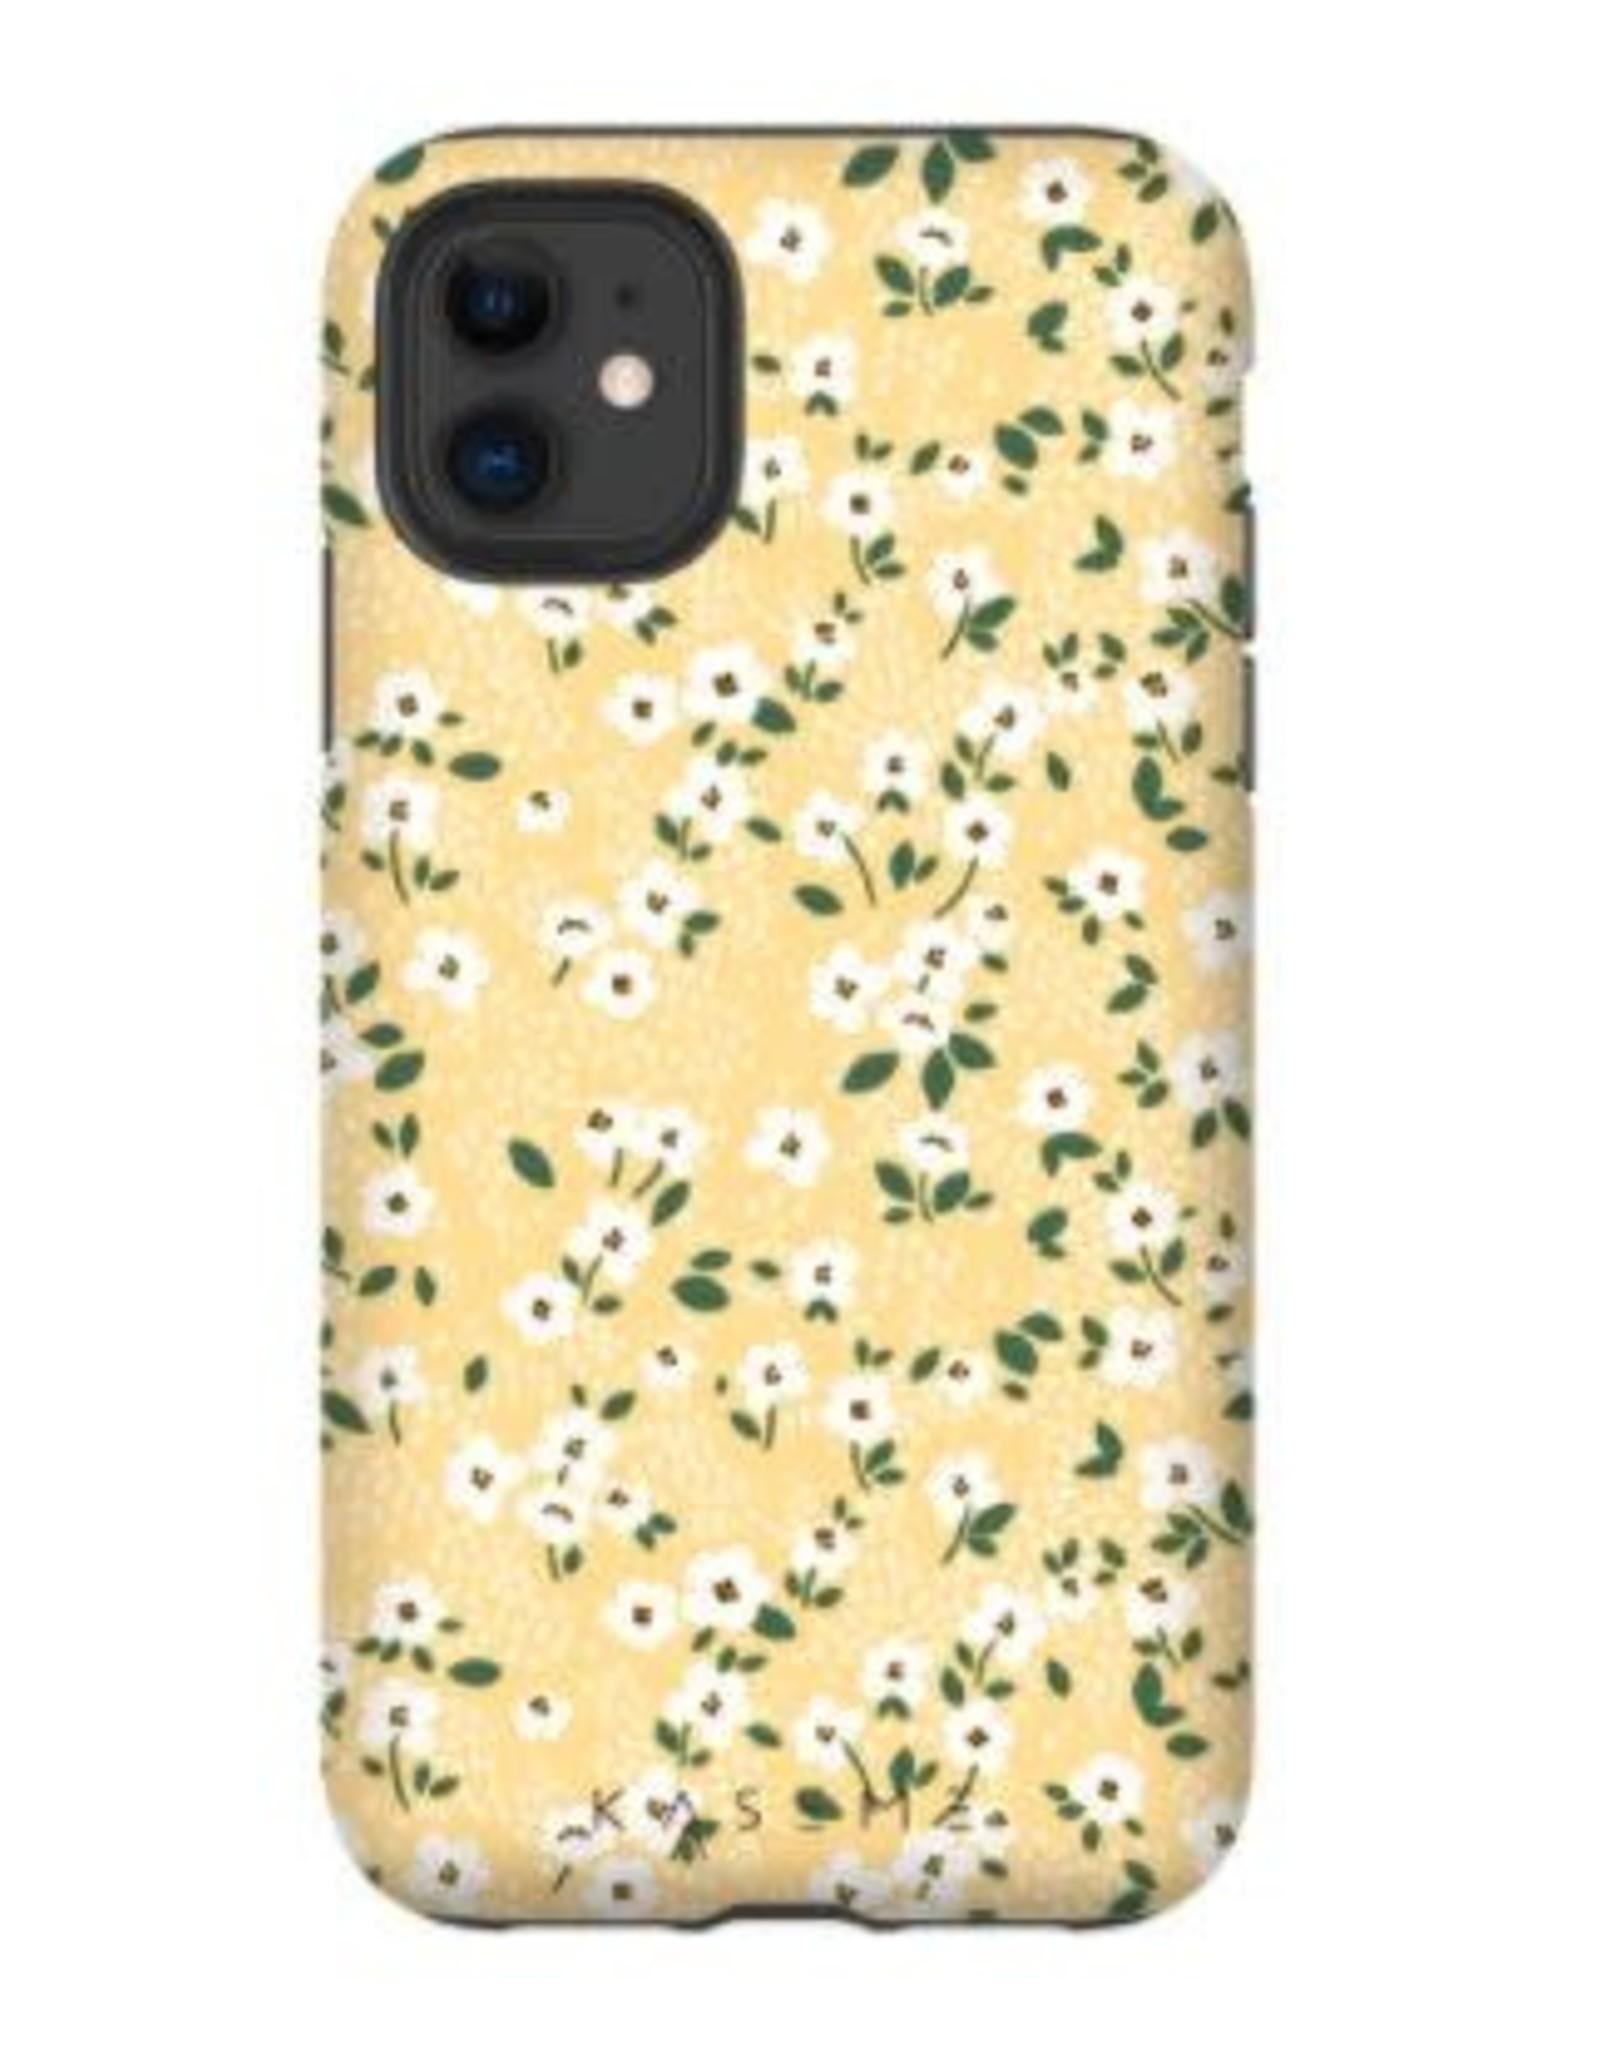 Kaseme Kaseme - Étui cellulaire IPhone alice